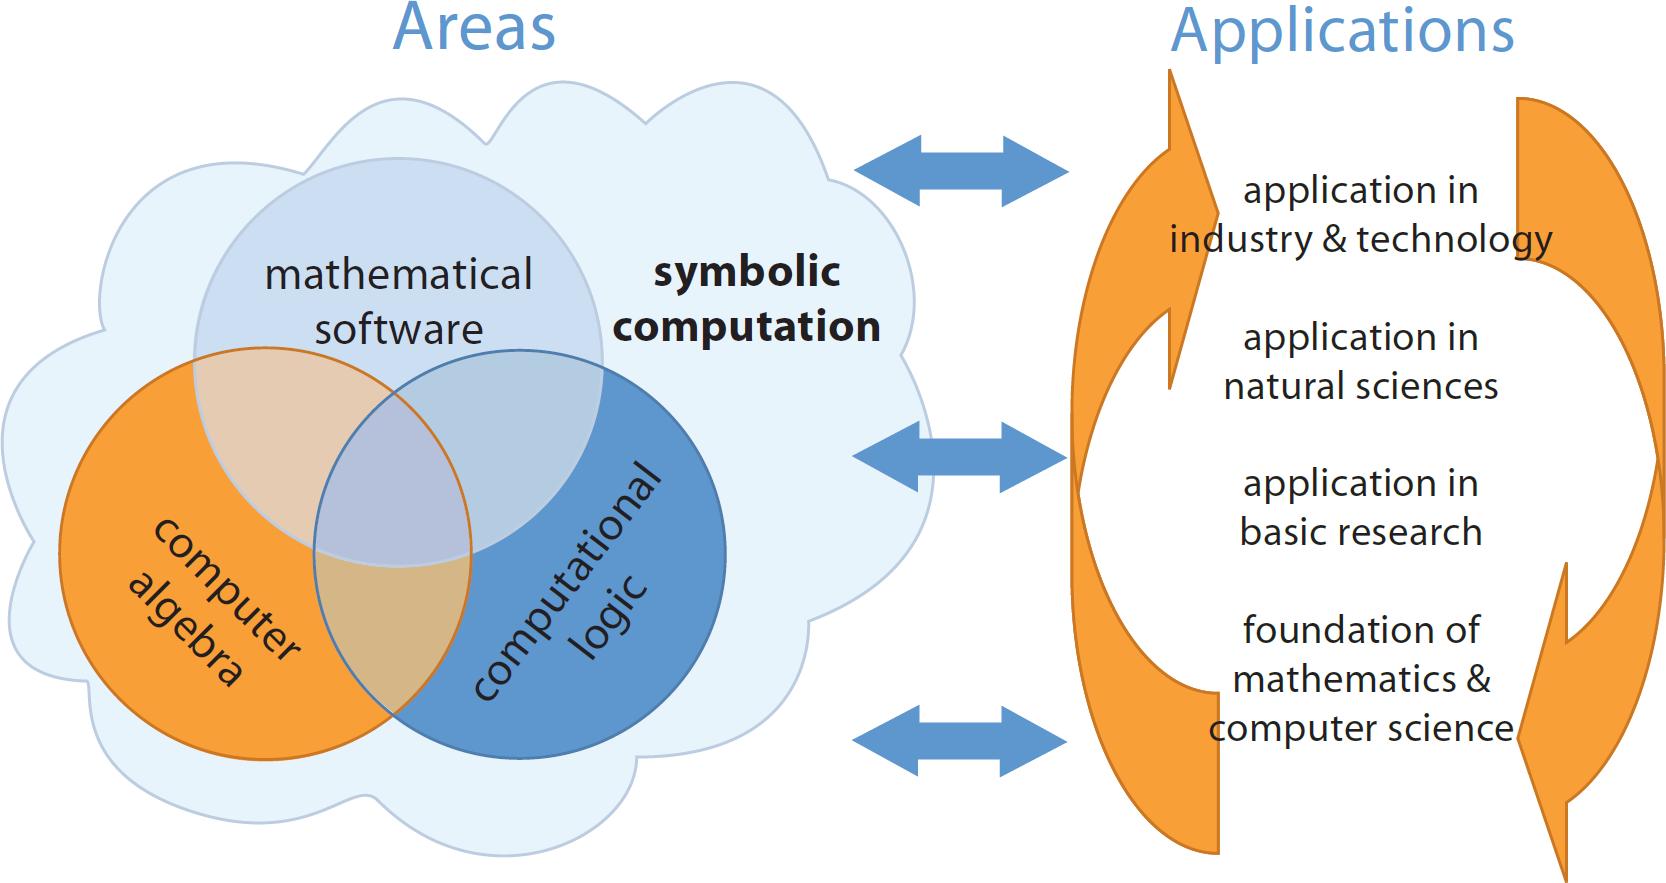 The RISC Curriculum in Symbolic Computation